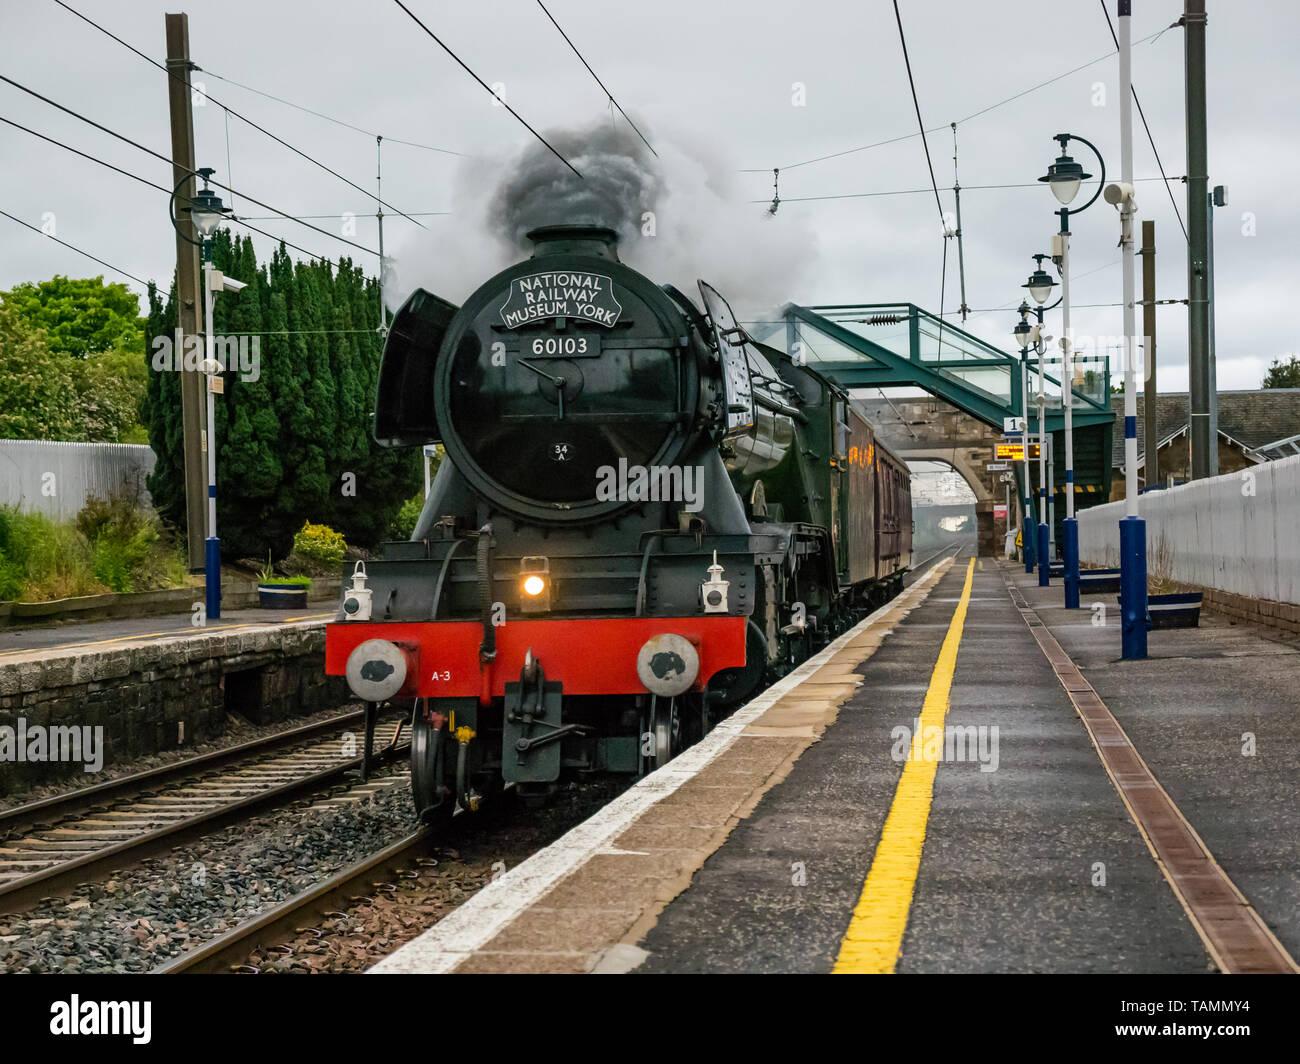 drem-station-east-lothian-scotland-unite